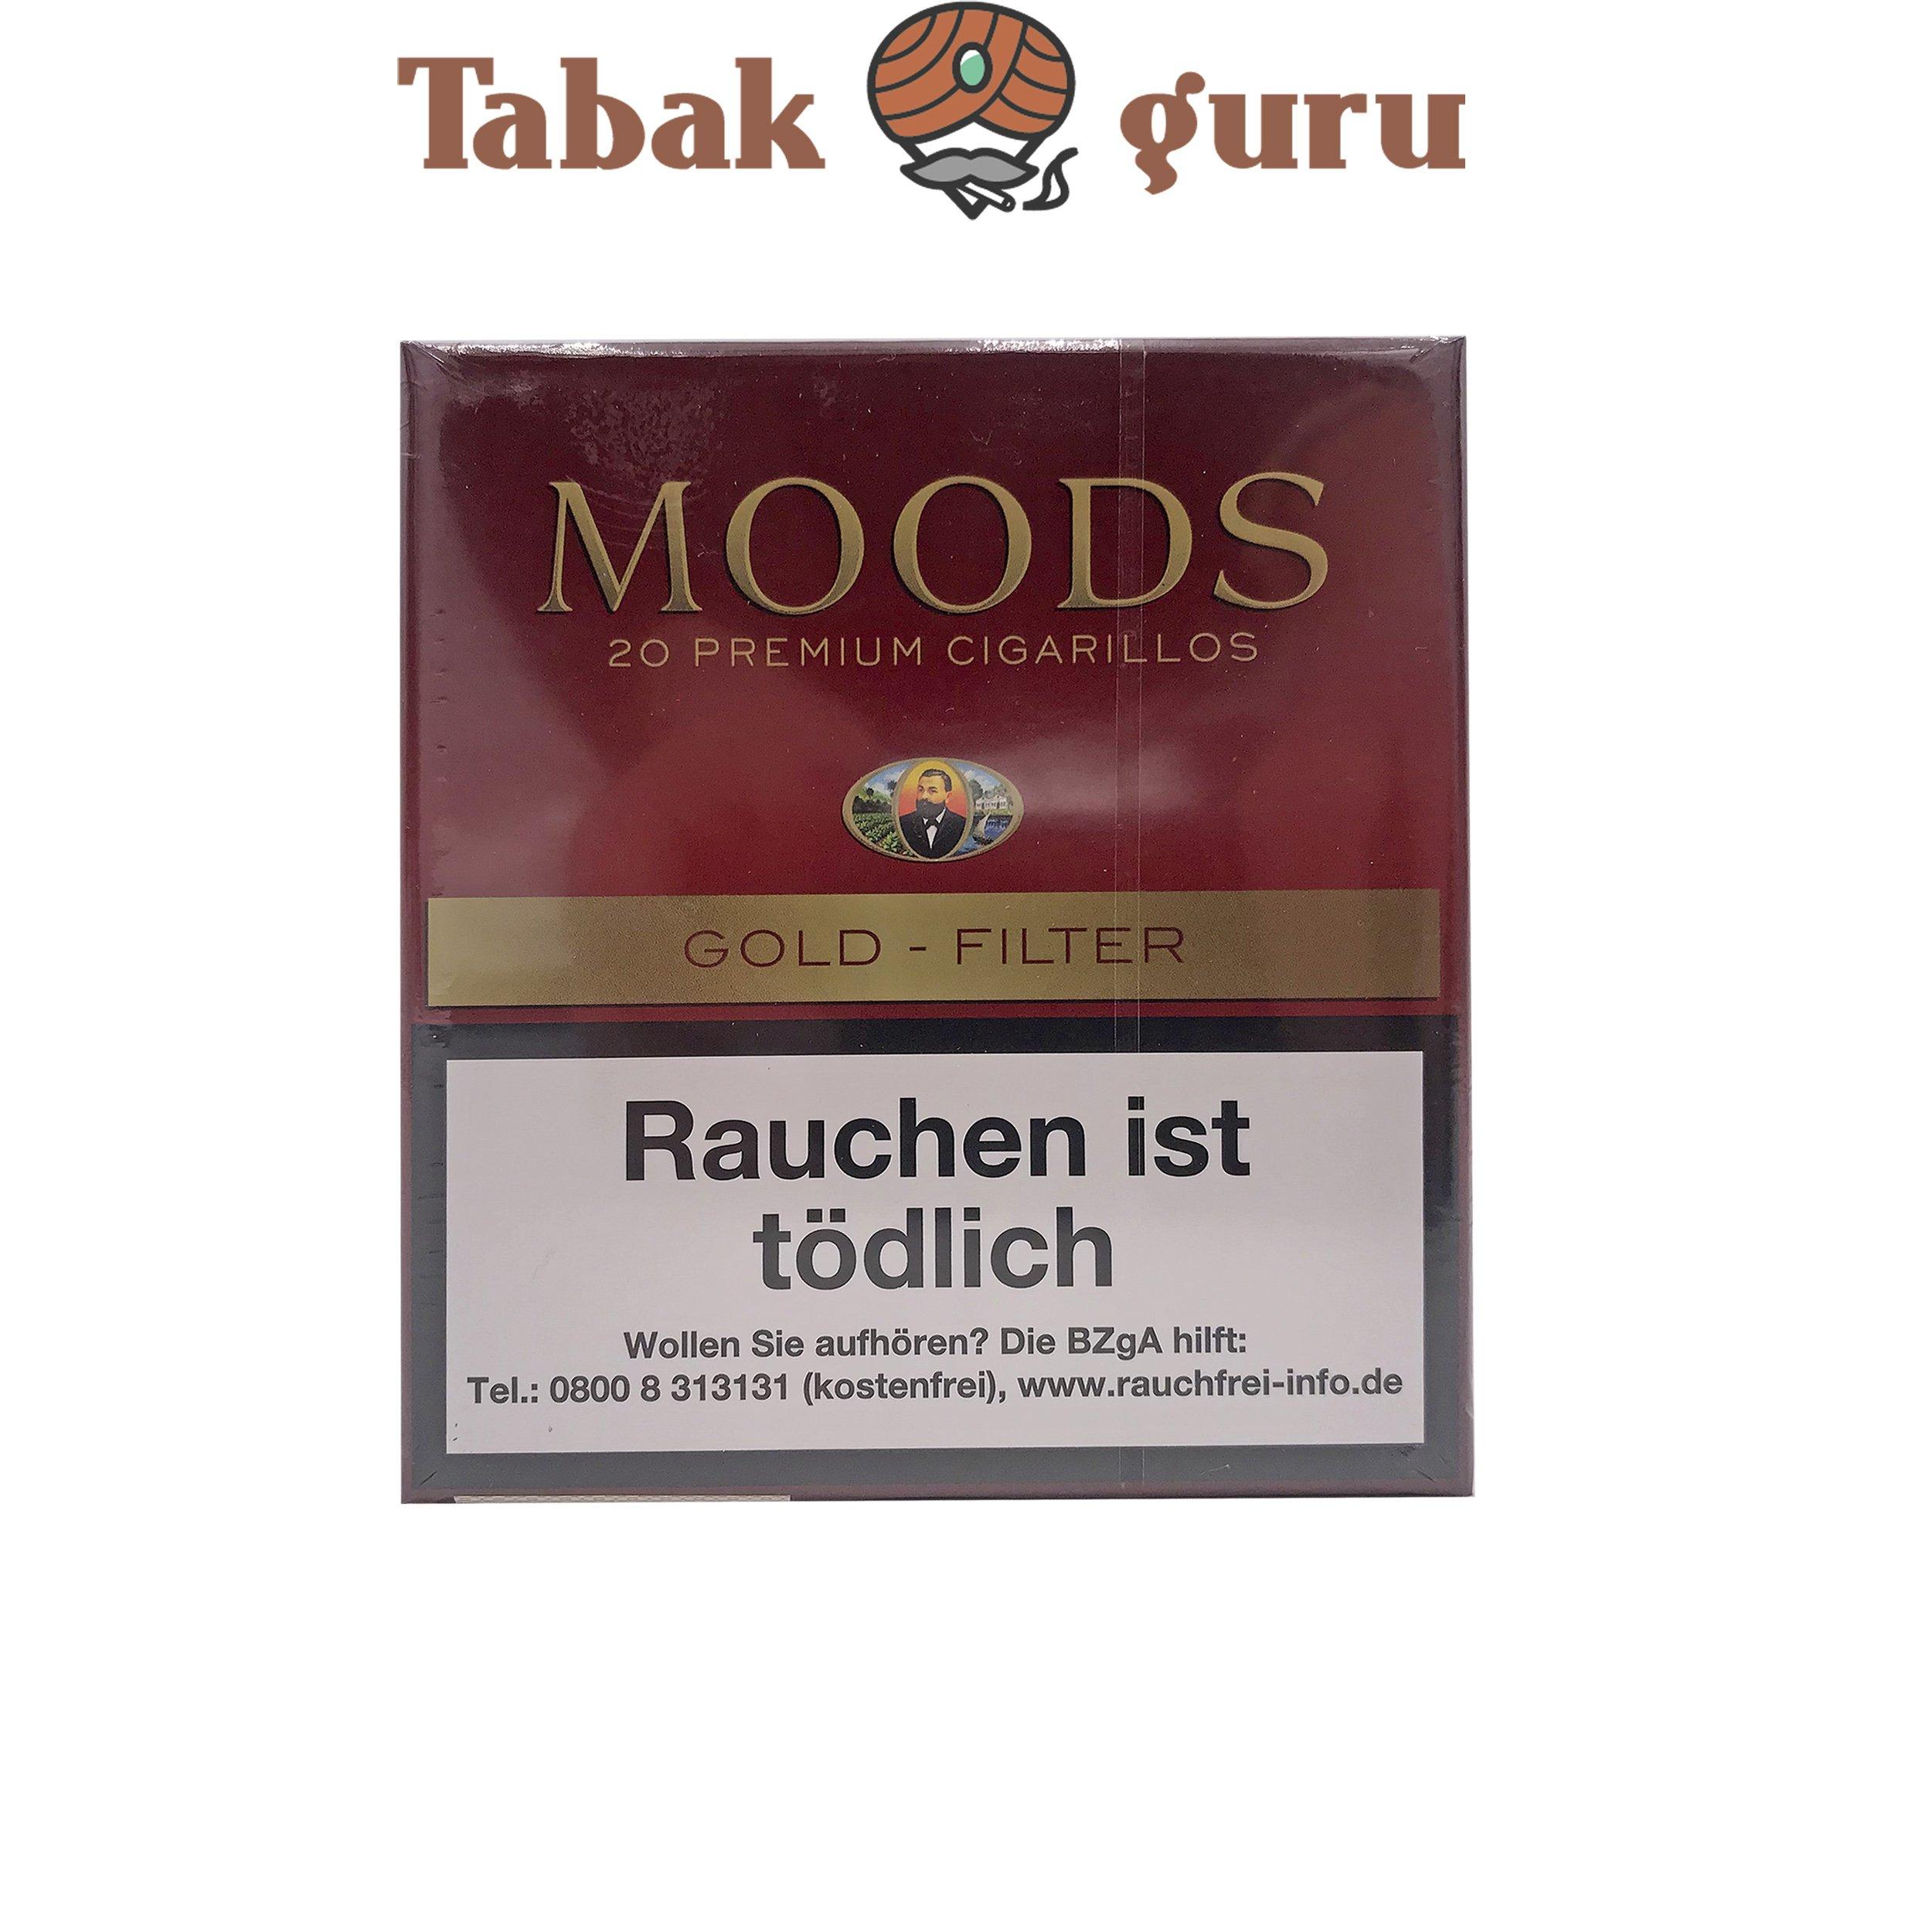 Moods Gold Filterzigarillos a 20 Stück